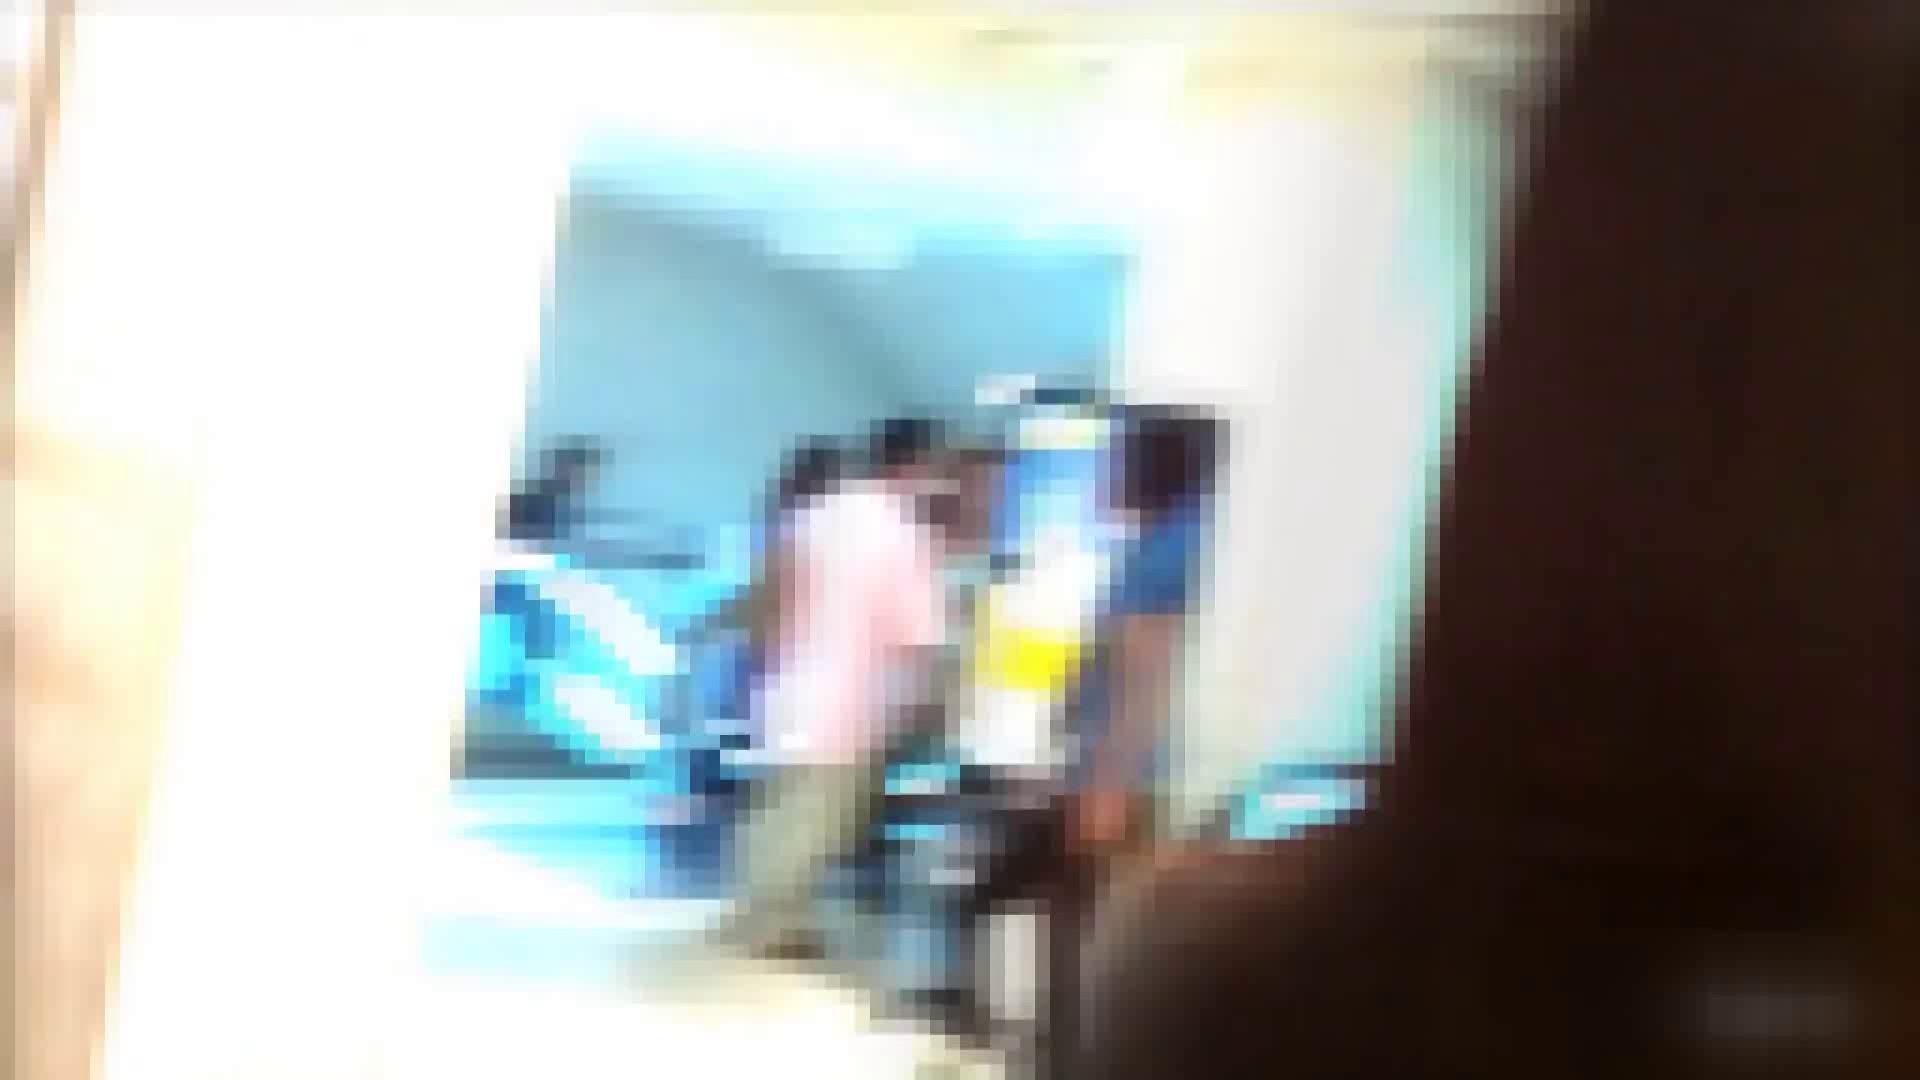 ガールズパンチラストリートビューVol.011 チラ 盗み撮りオマンコ動画キャプチャ 109画像 83